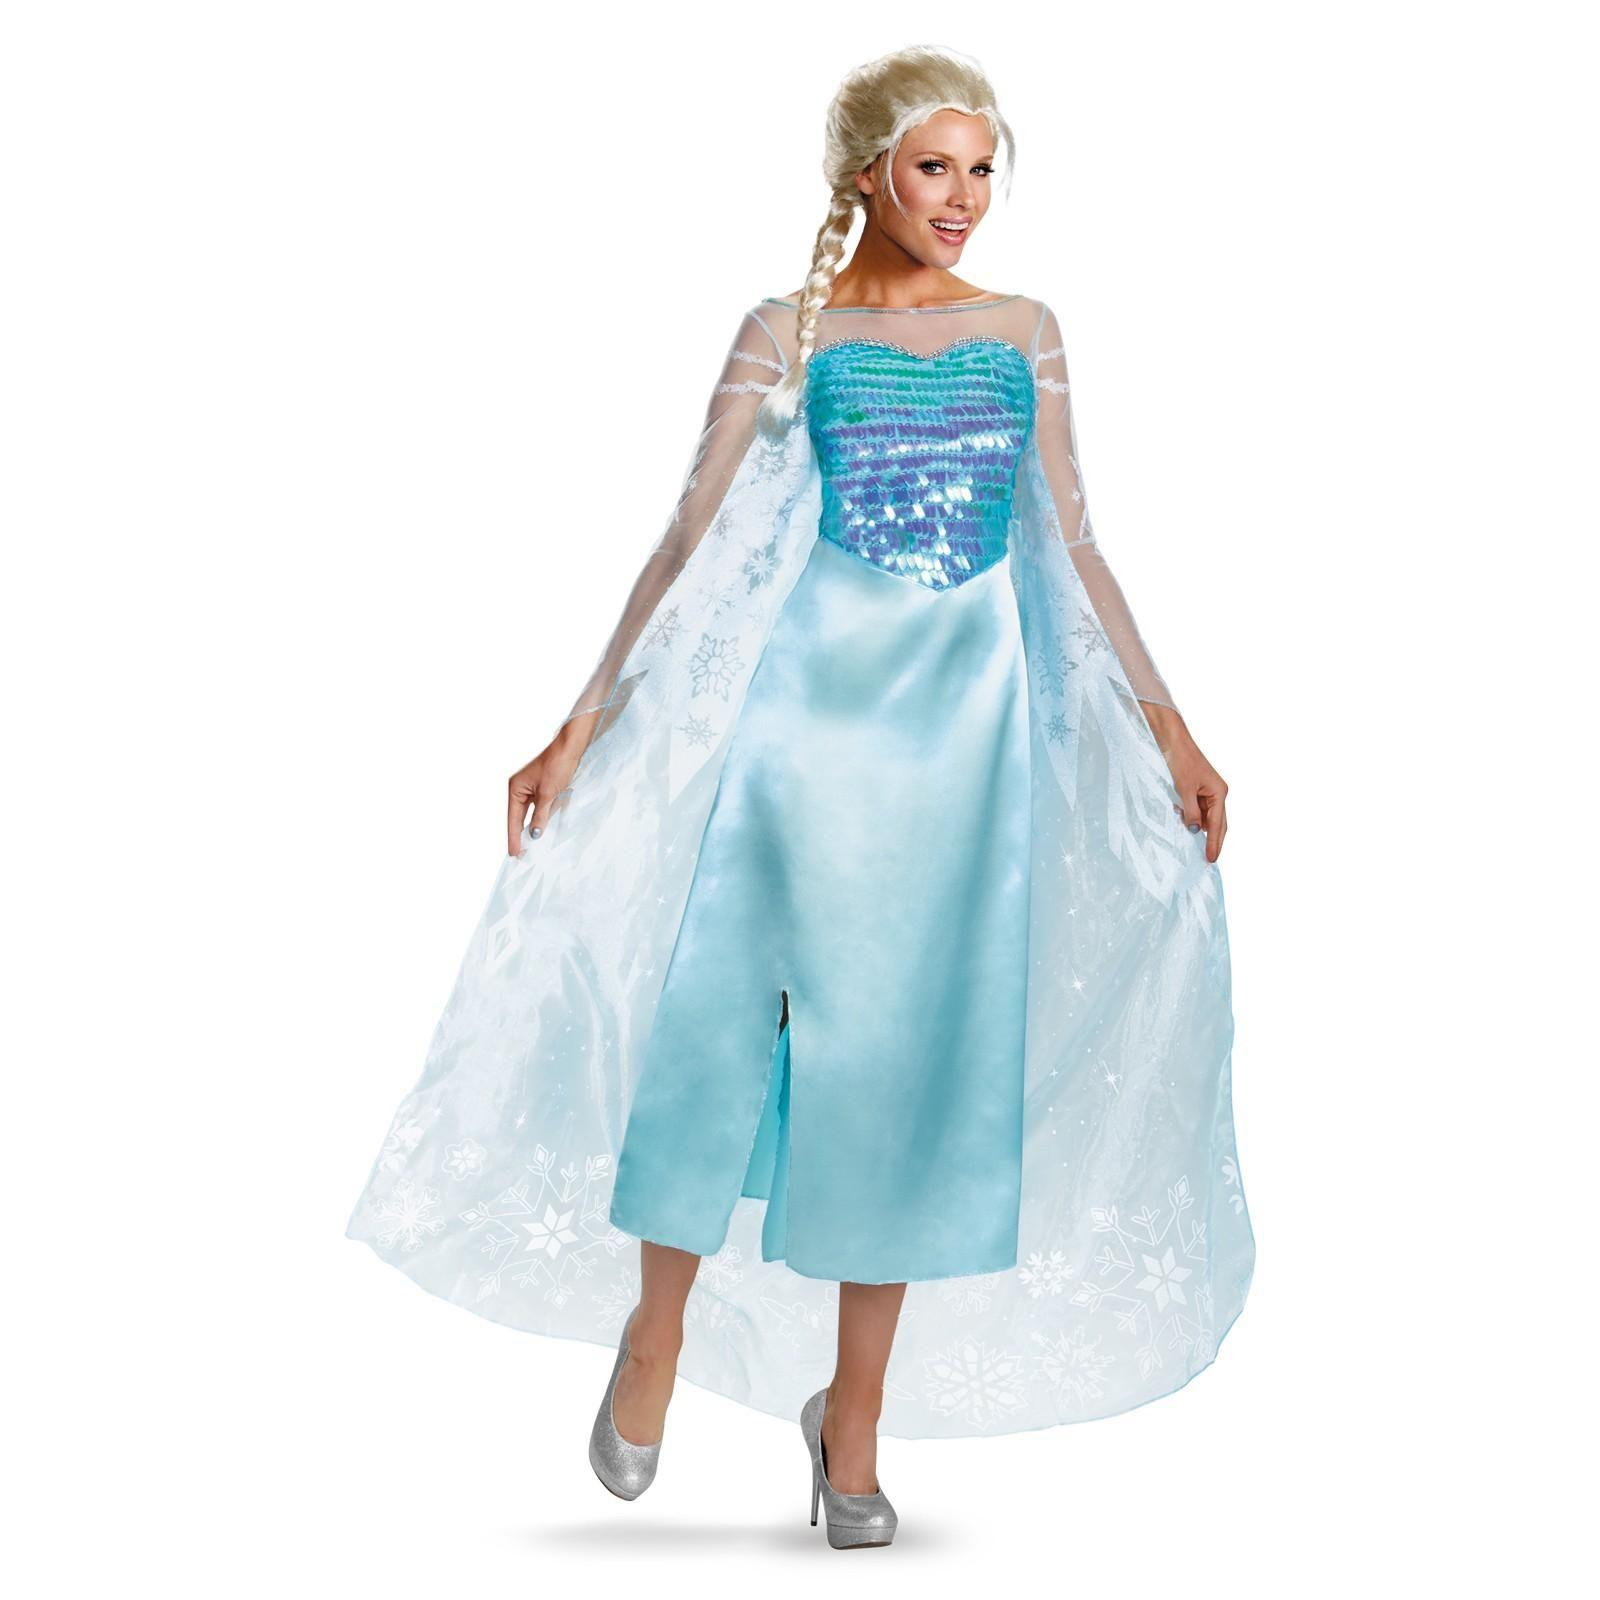 Disney Frozen - Deluxe Elsa Dress  sc 1 st  Pinterest & Disneys Frozen Womens Elsa Deluxe Costu | Pinterest | Costumes ...